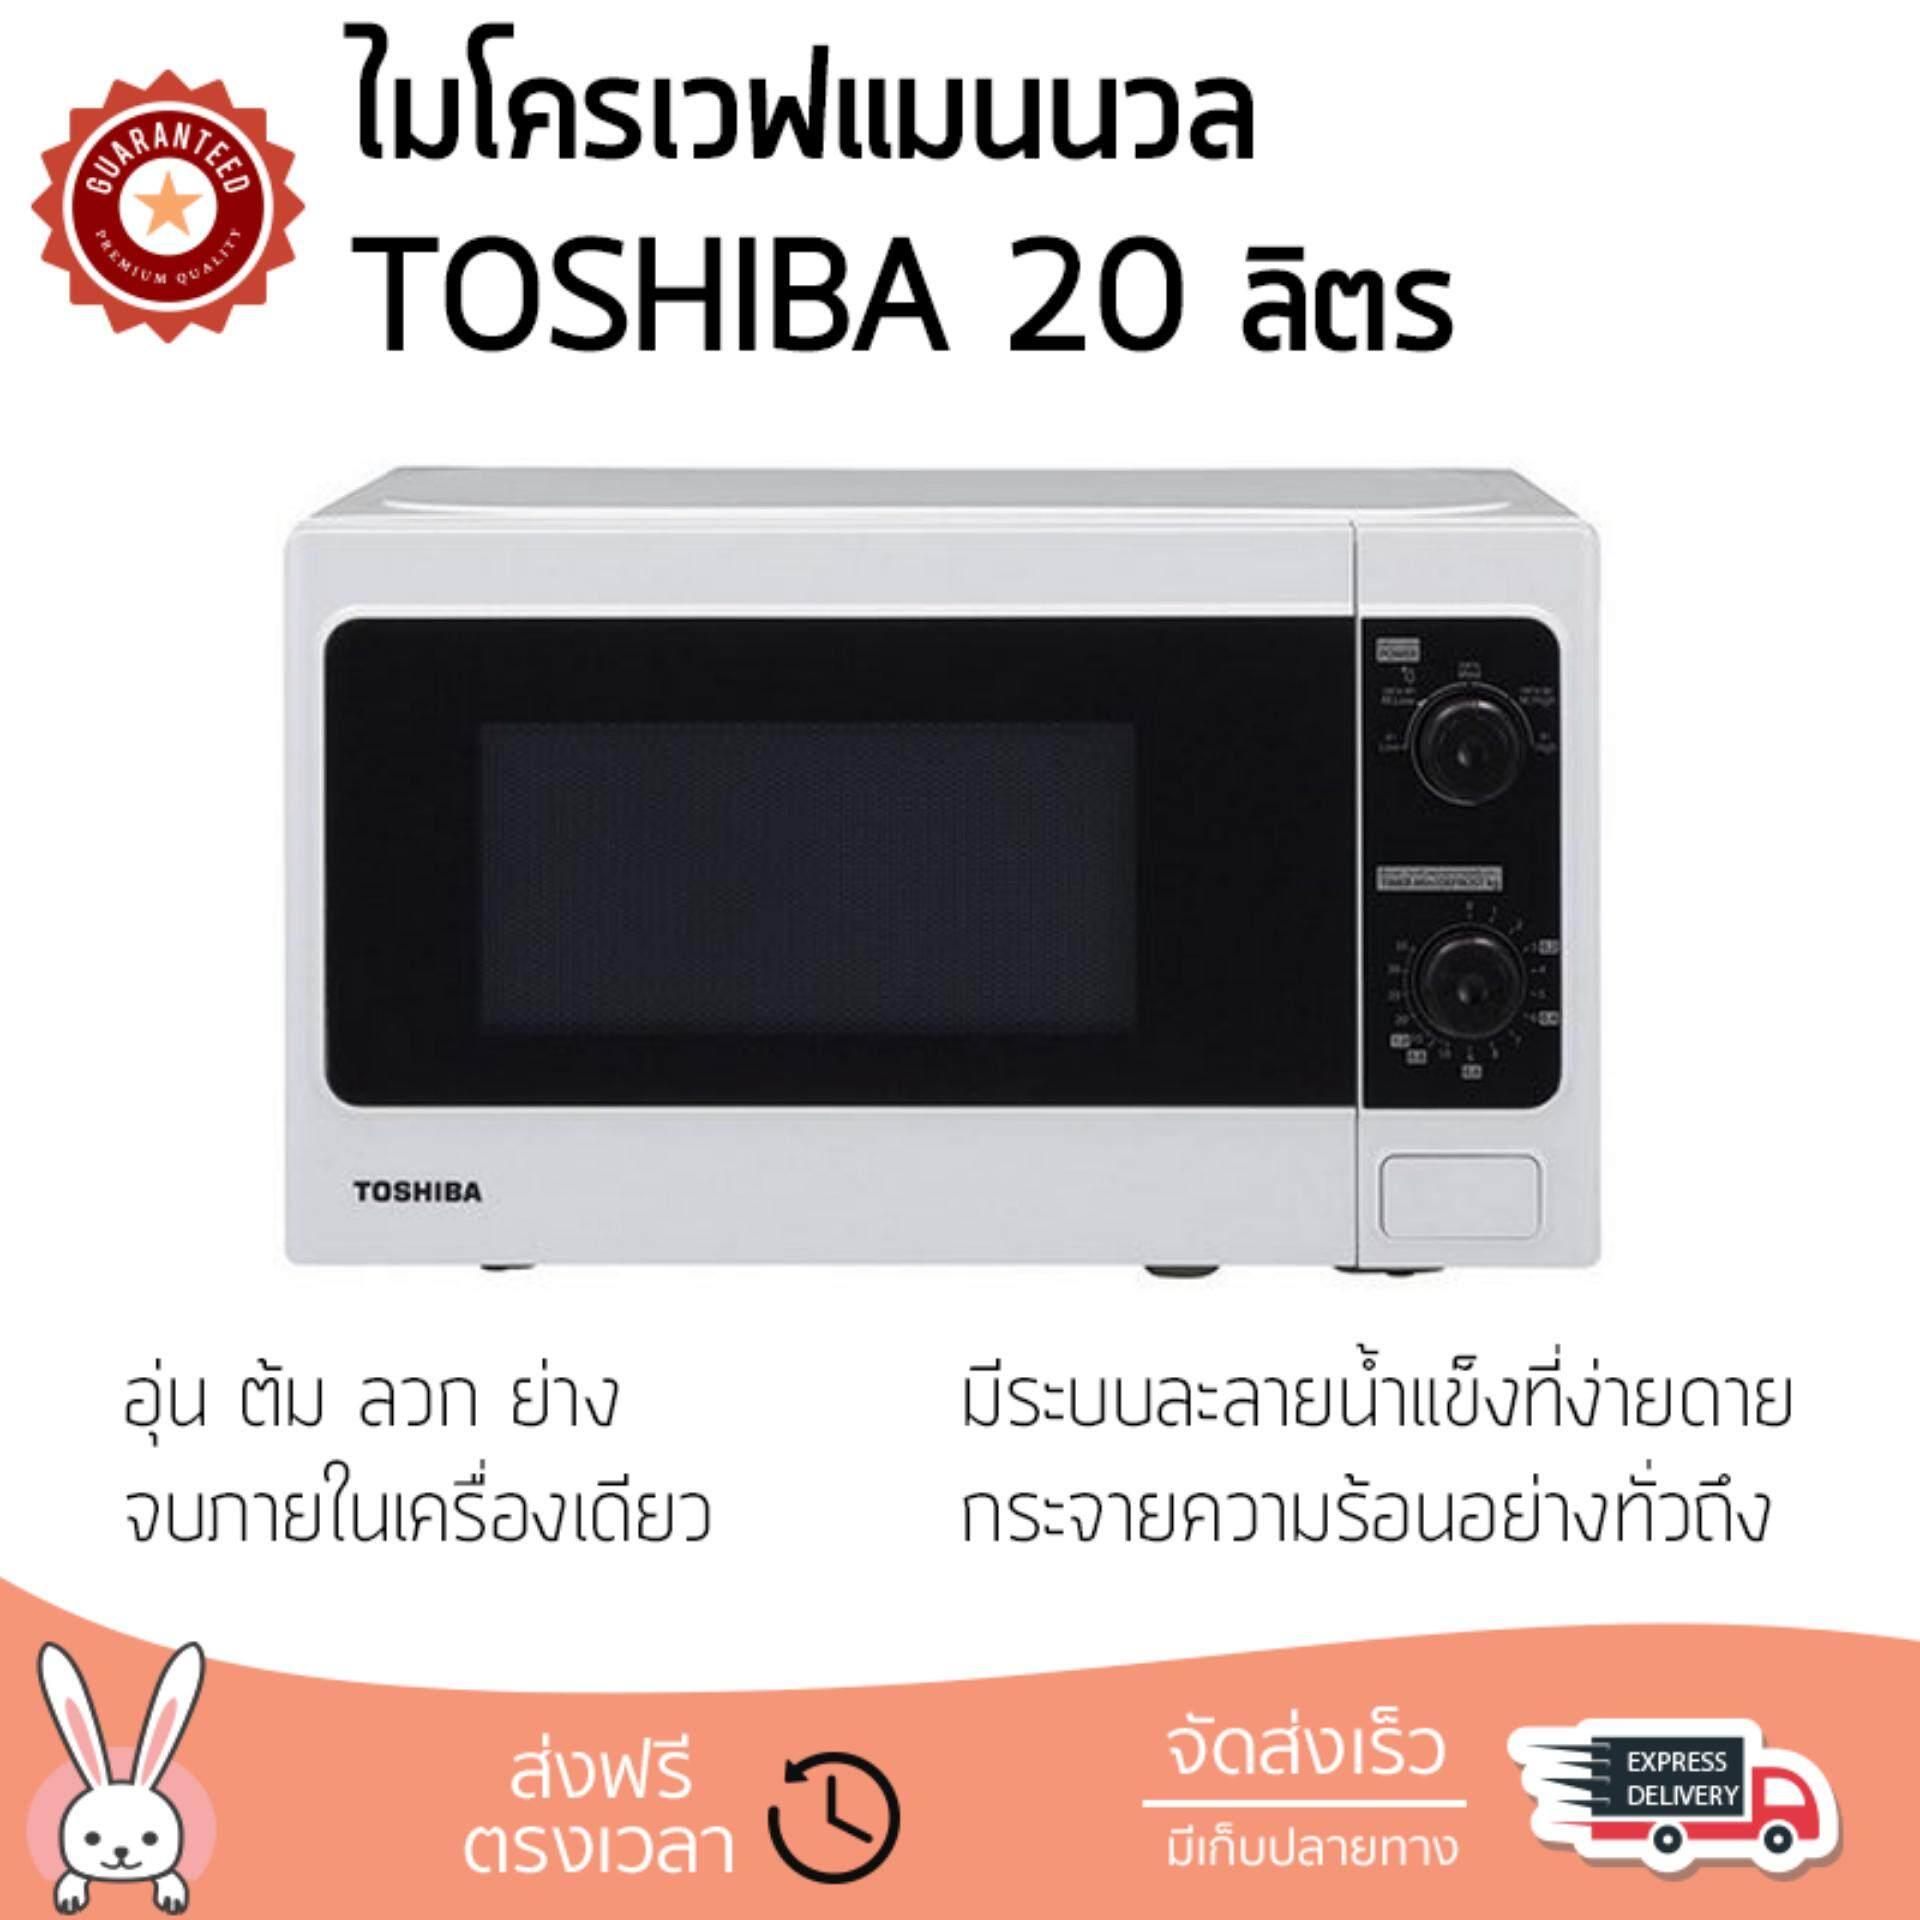 รุ่นใหม่ล่าสุด ไมโครเวฟ เตาอบไมโครเวฟ ไมโครเวฟแมนนวล TOSHIBA ER-SM20(W)TH 20L | TOSHIBA | ER-SM20(W)TH ปรับระดับความร้อนได้หลายระดับ มีฟังก์ชันละลายน้ำแข็ง ใช้งานง่าย Microwave จัดส่งฟรีทั่วประเทศ